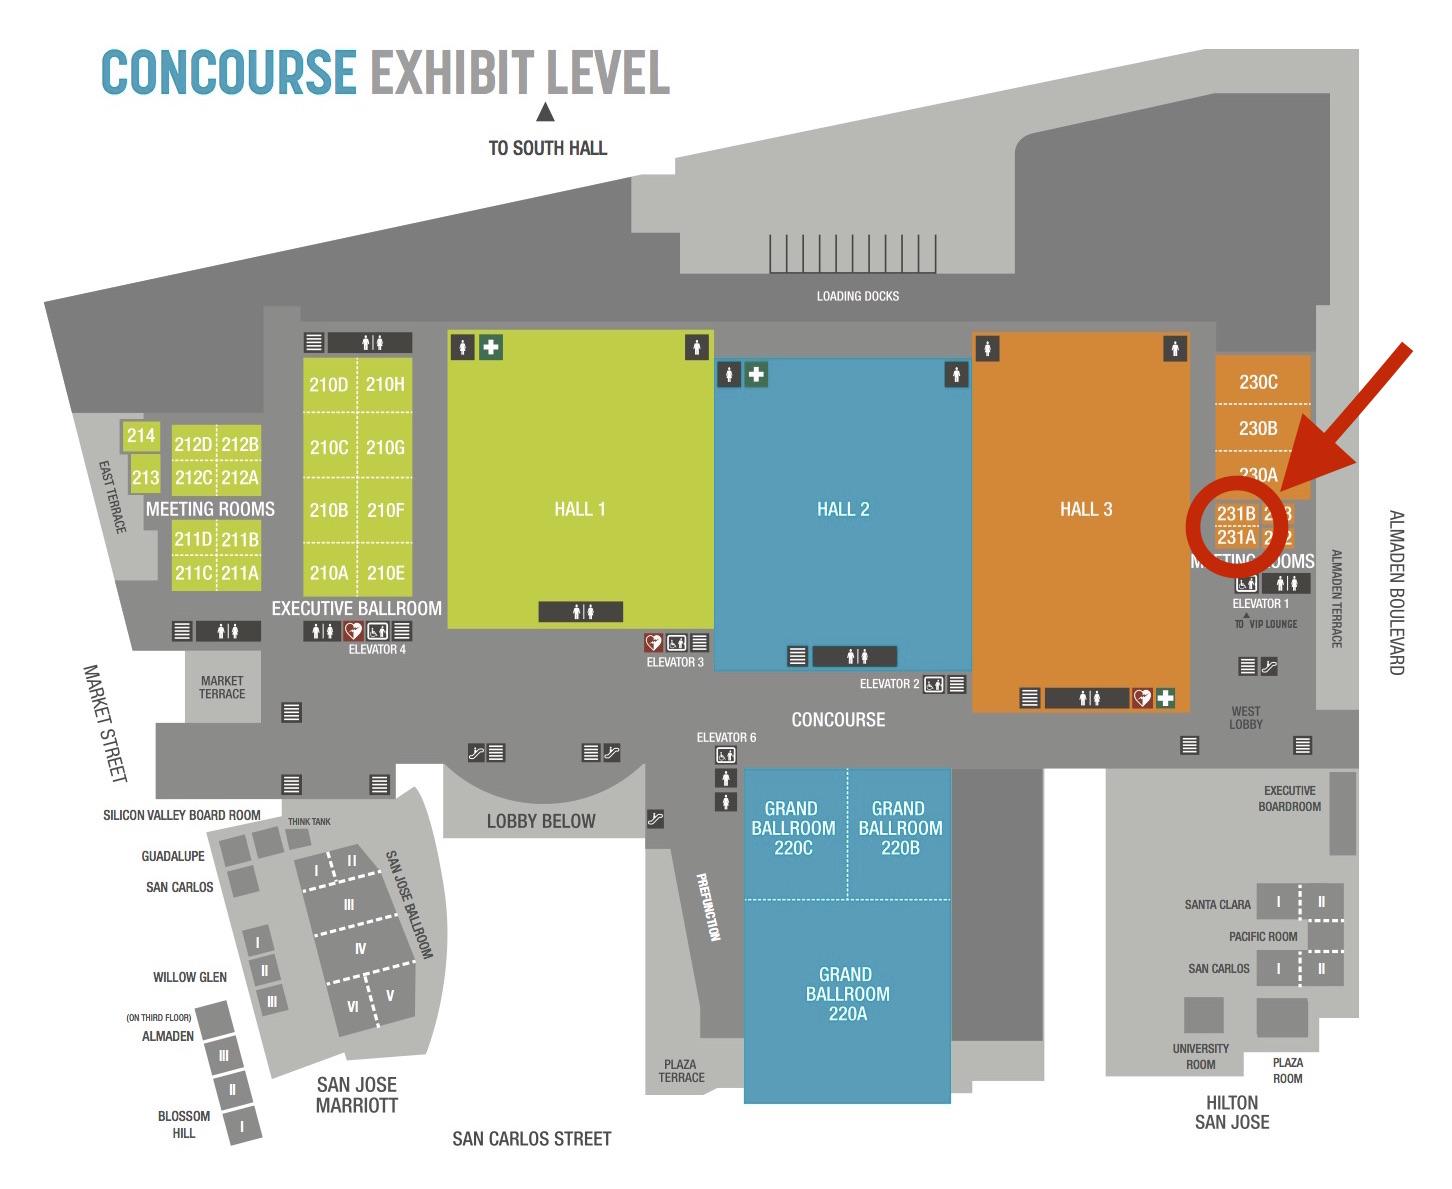 SJCC Map Room 231